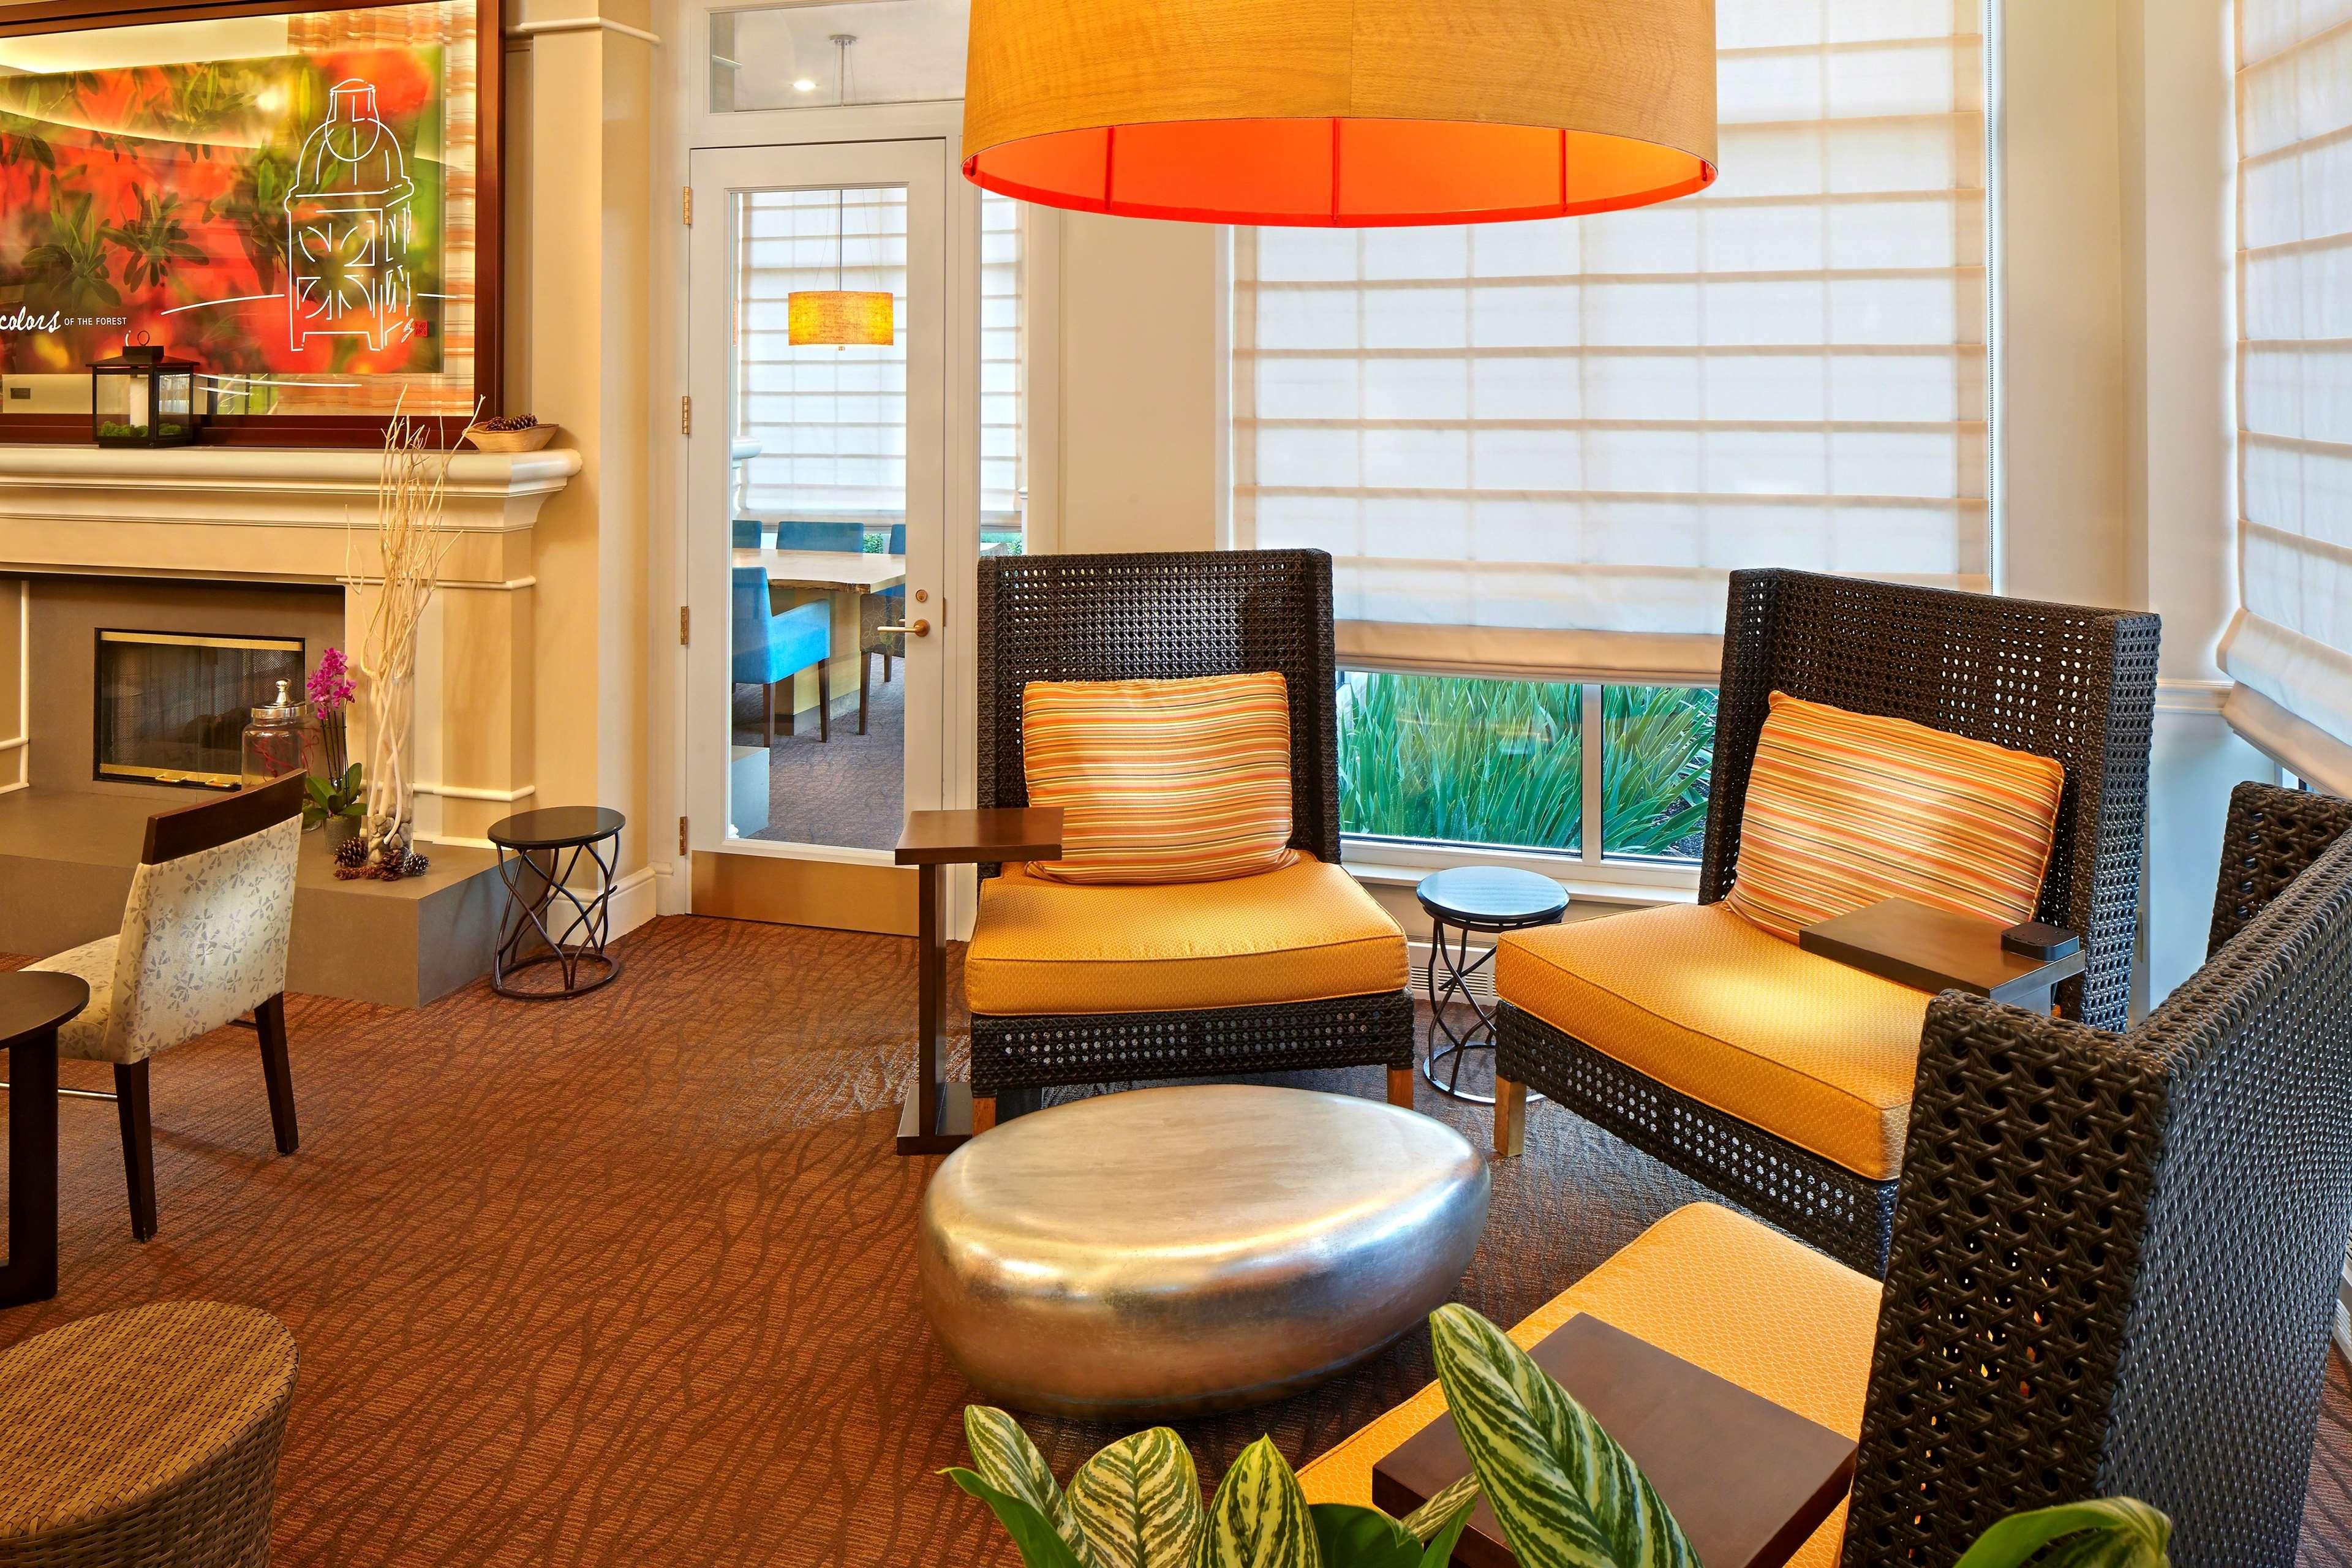 Hilton Garden Inn Danbury image 6